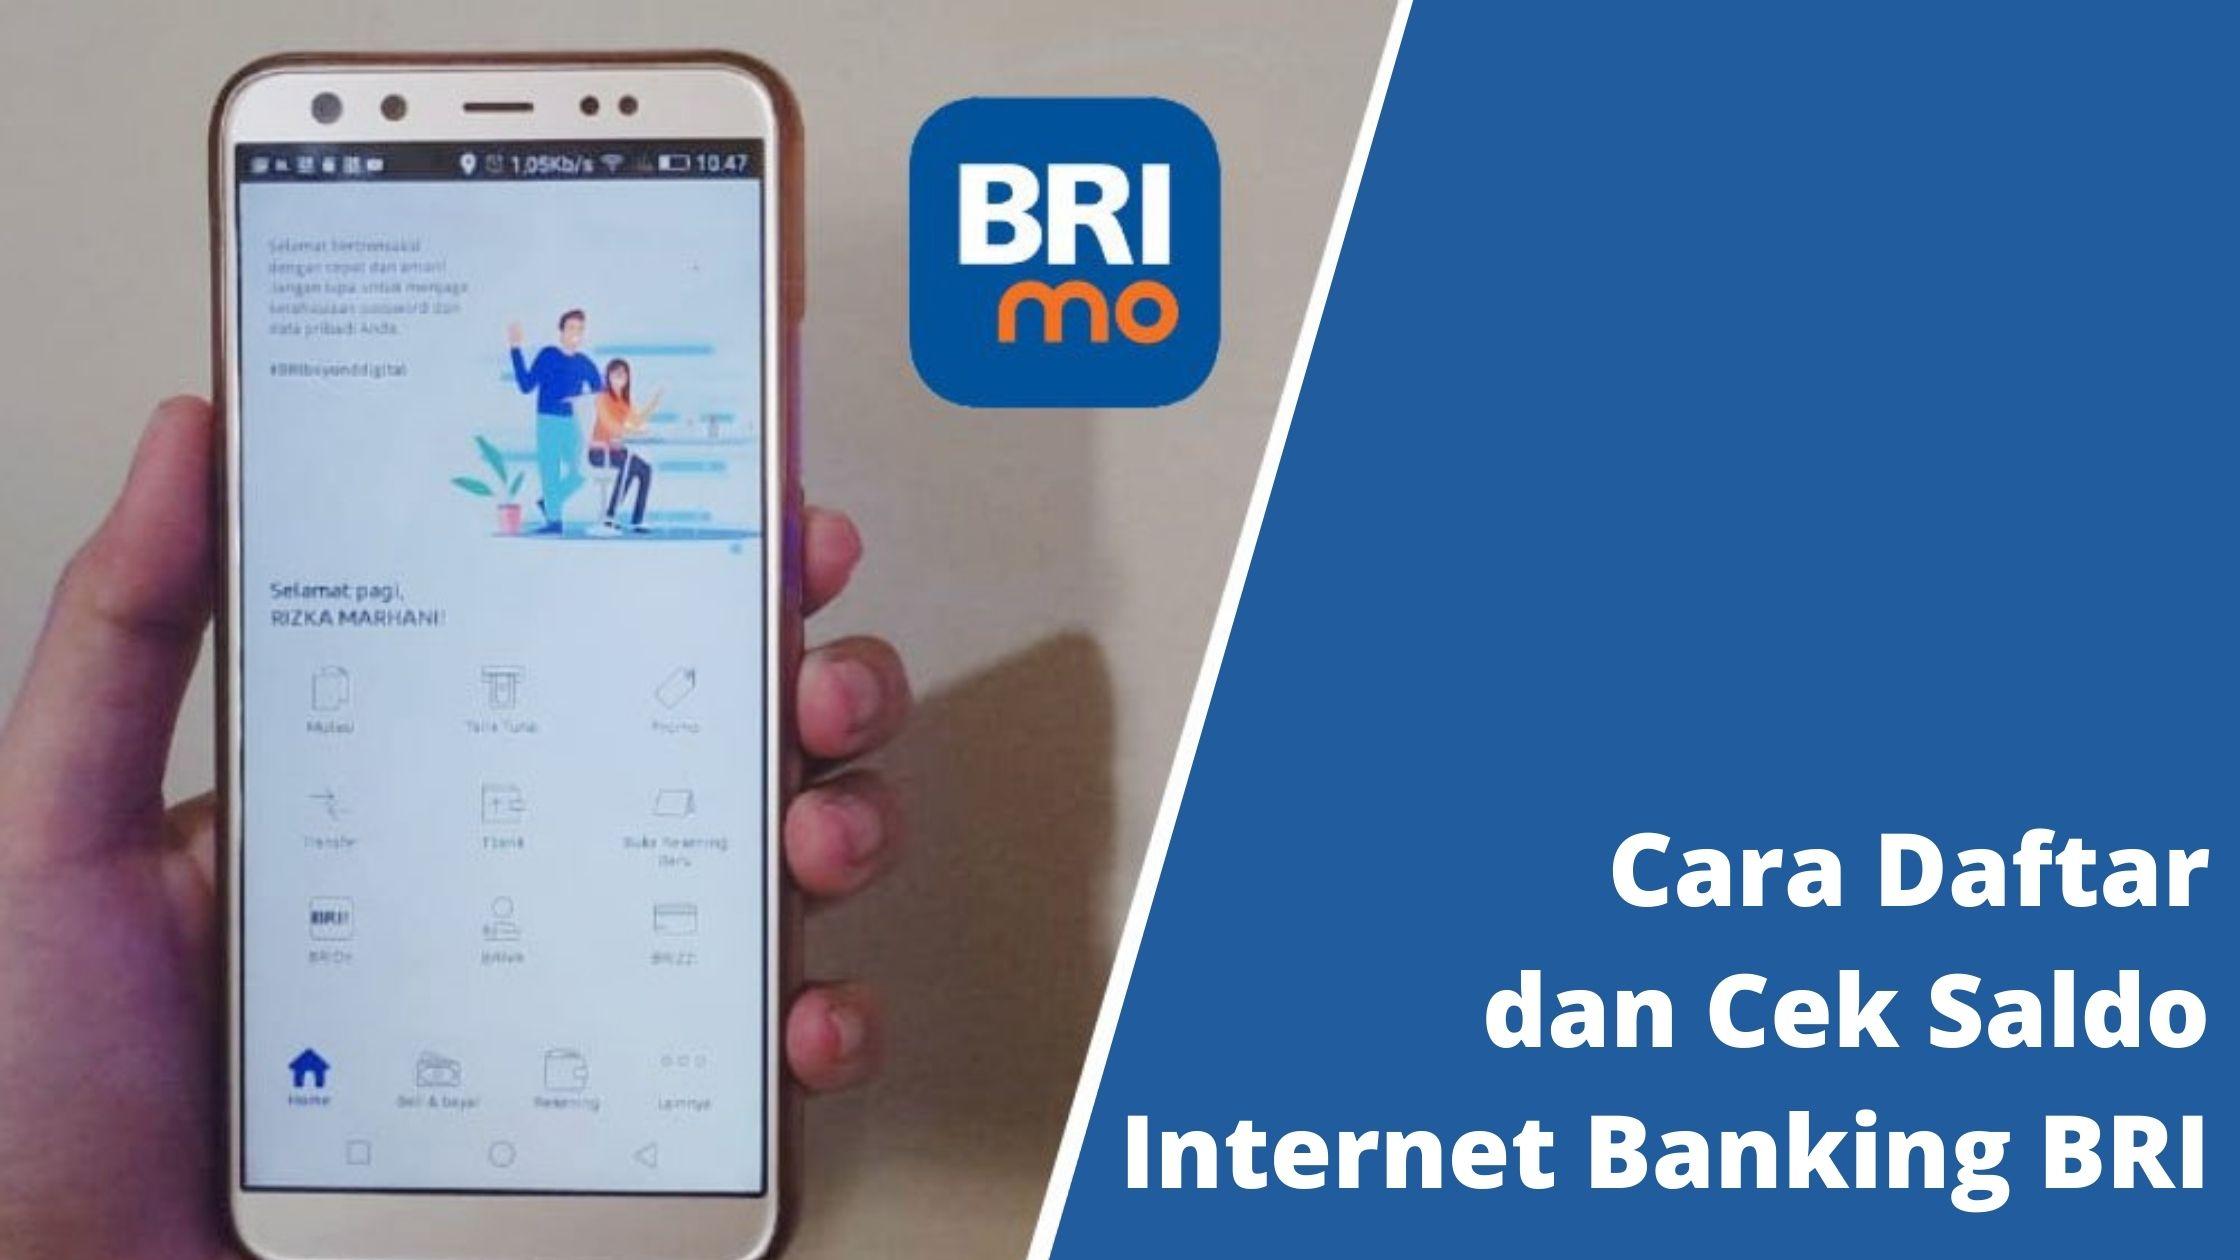 Cara Daftar dan Cek Saldo Internet Banking BRI